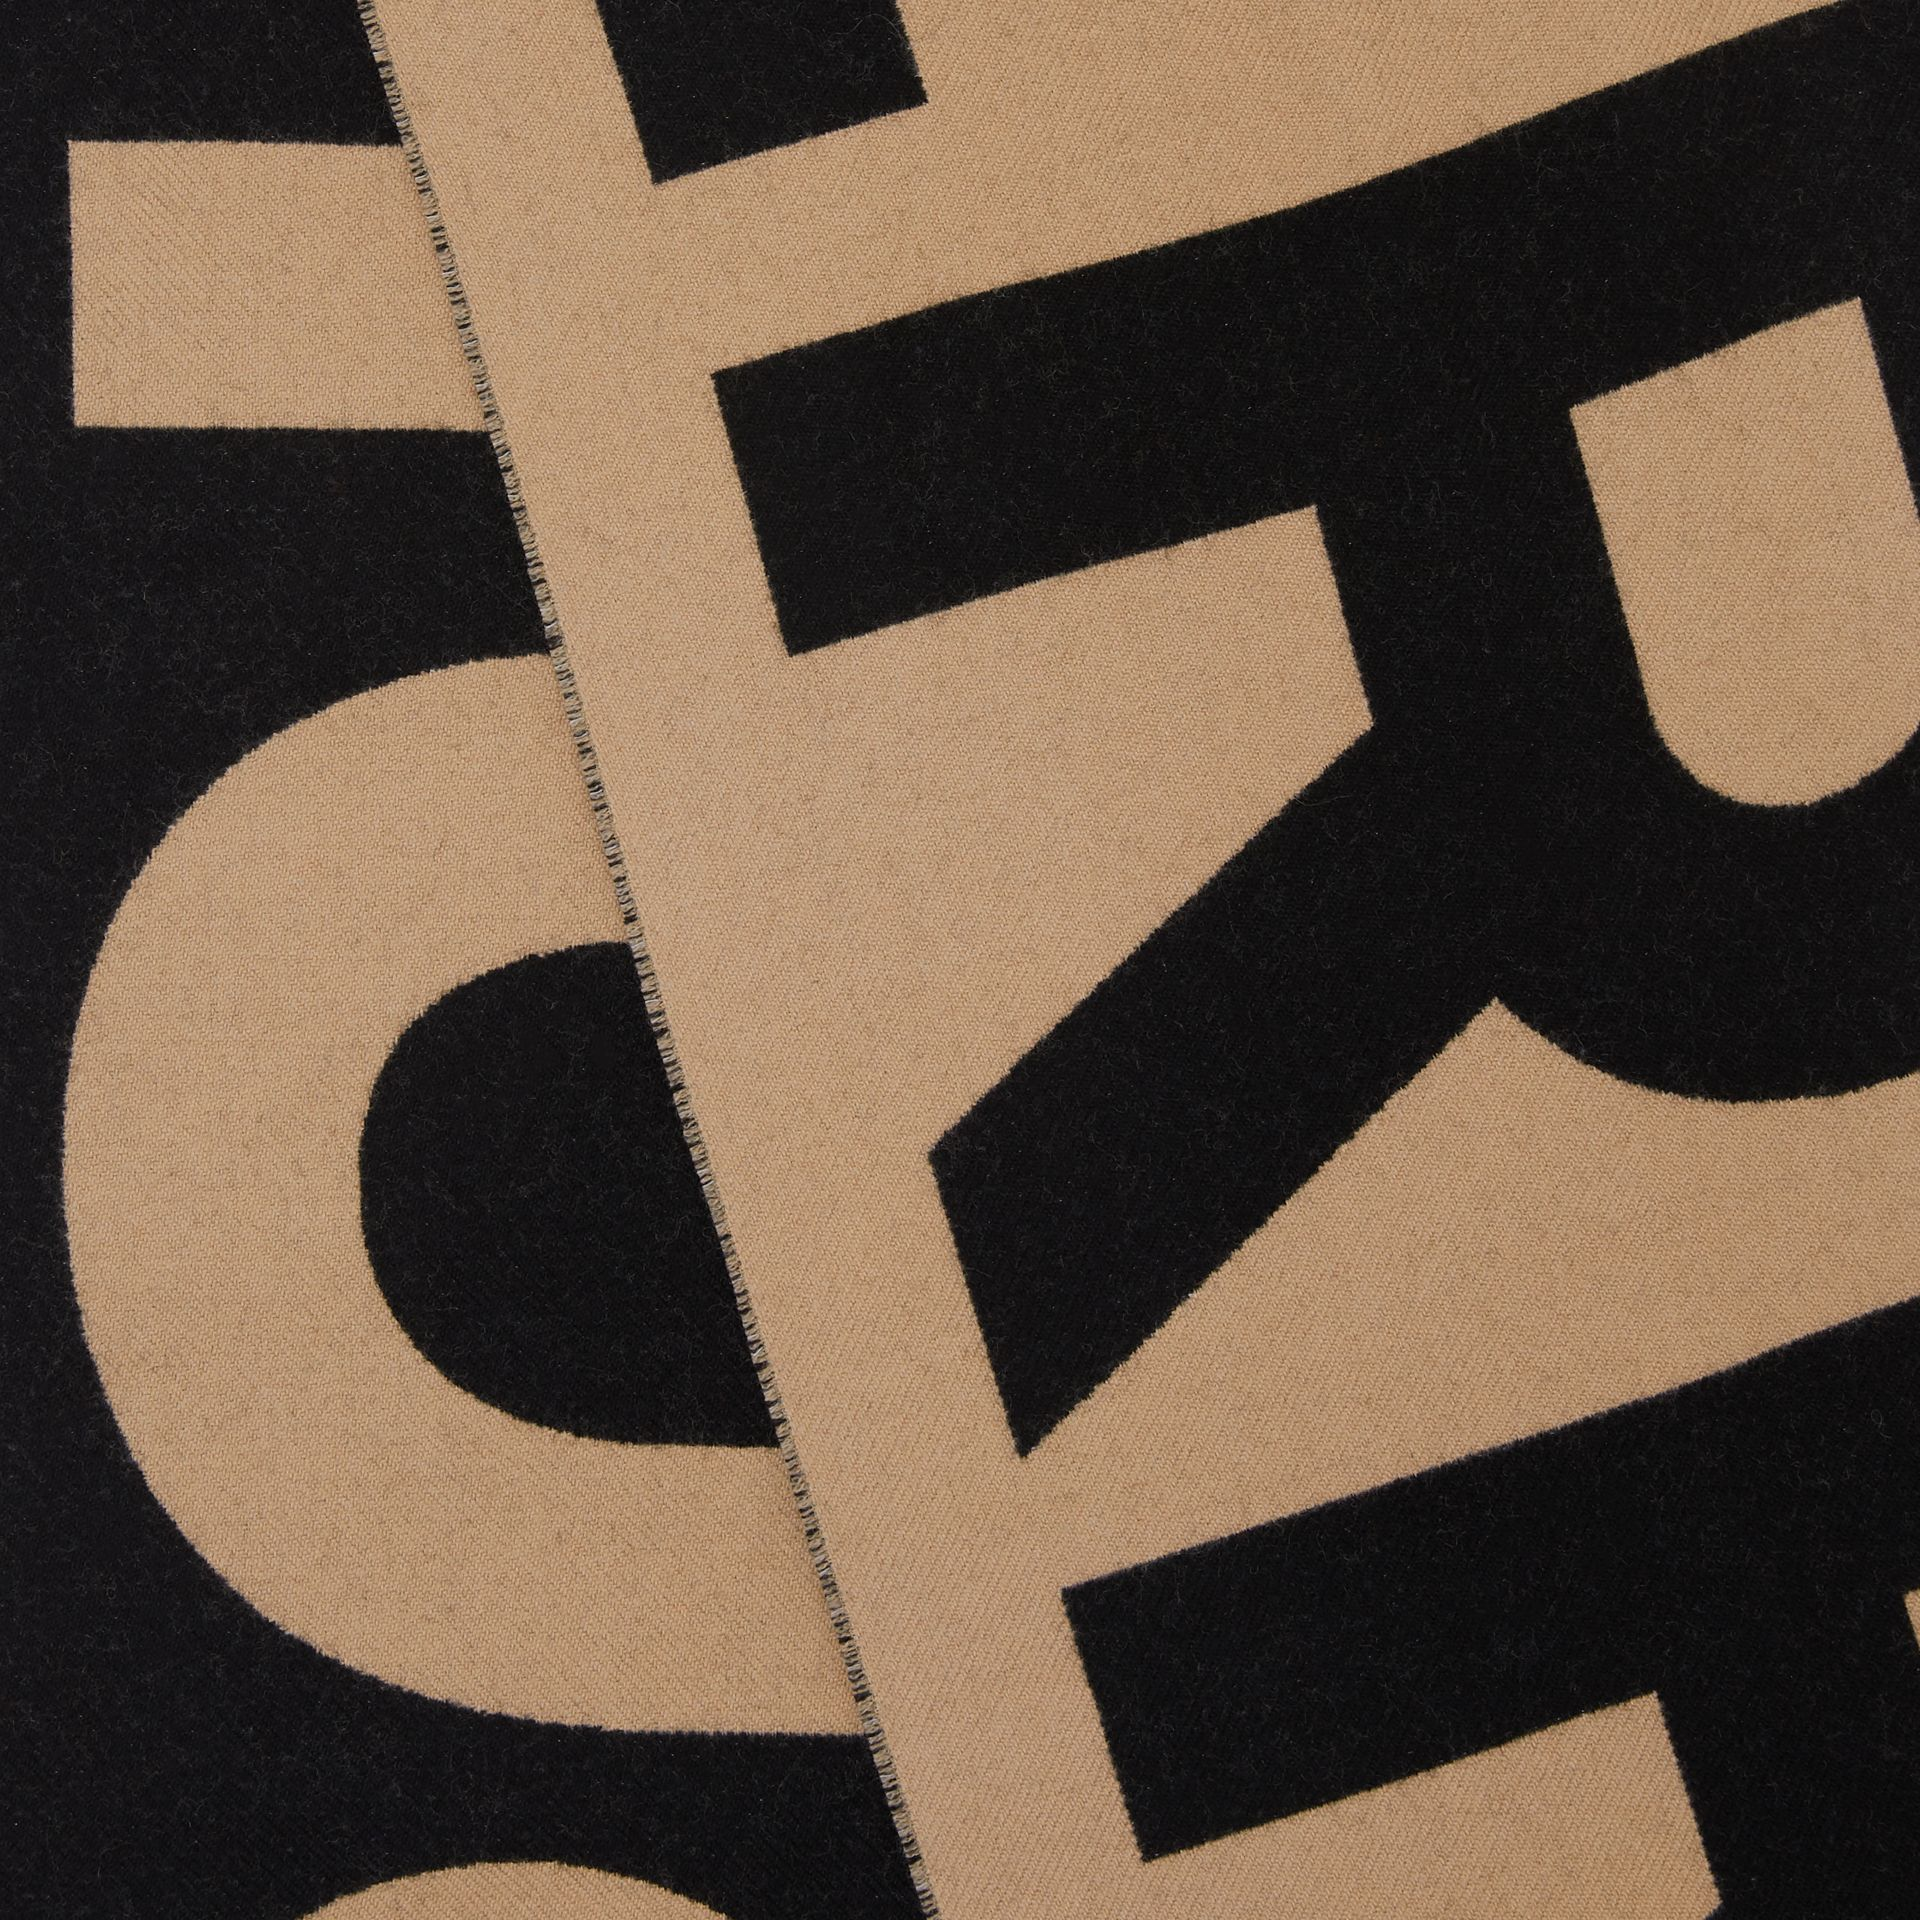 ロゴ ウール ジャカードスカーフ (アーカイブベージュ) | バーバリー - ギャラリーイメージ 1